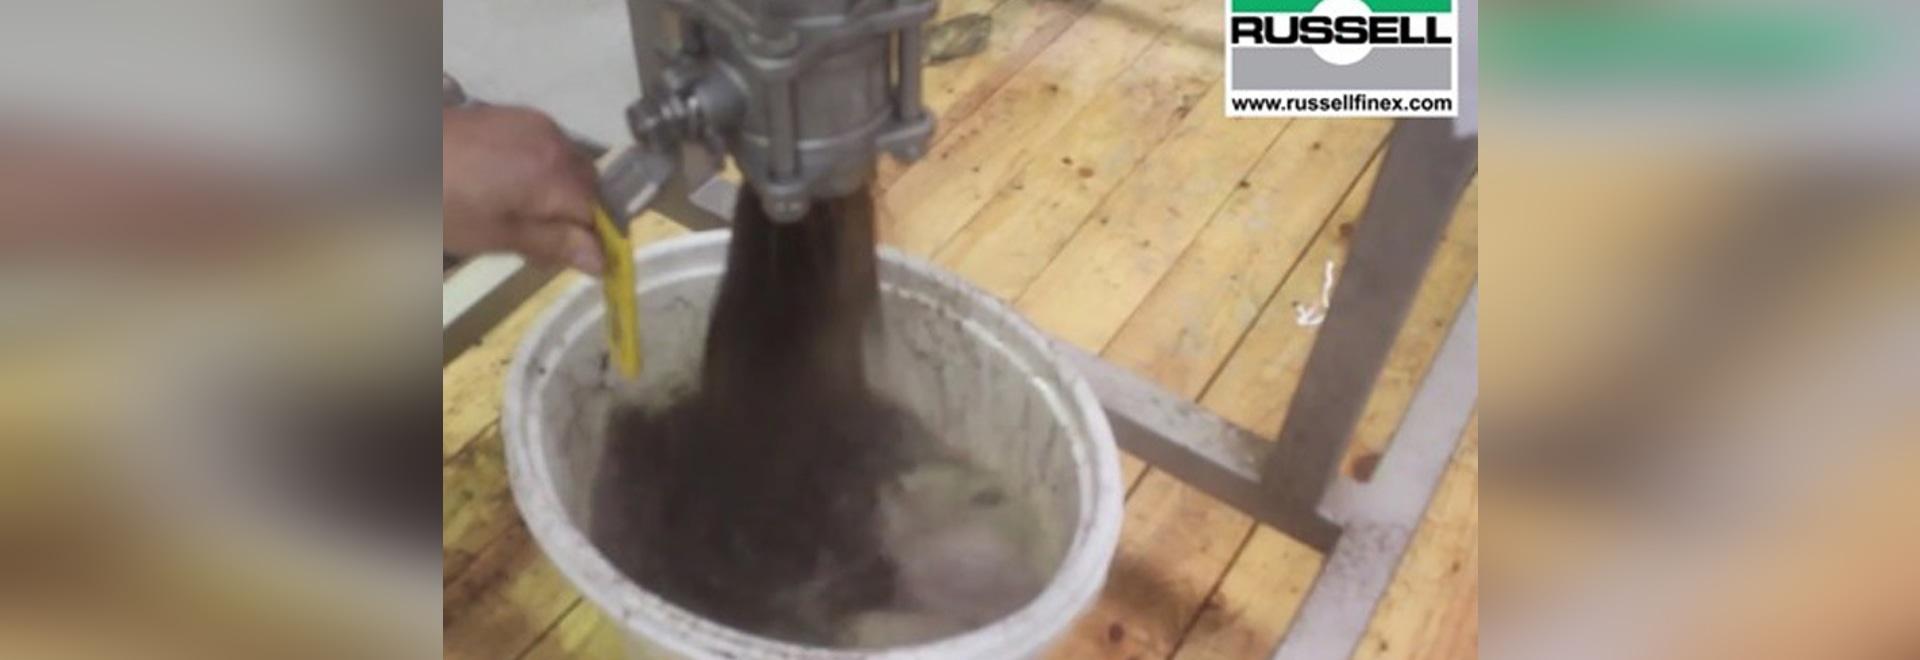 Filtro en línea para el té líquido